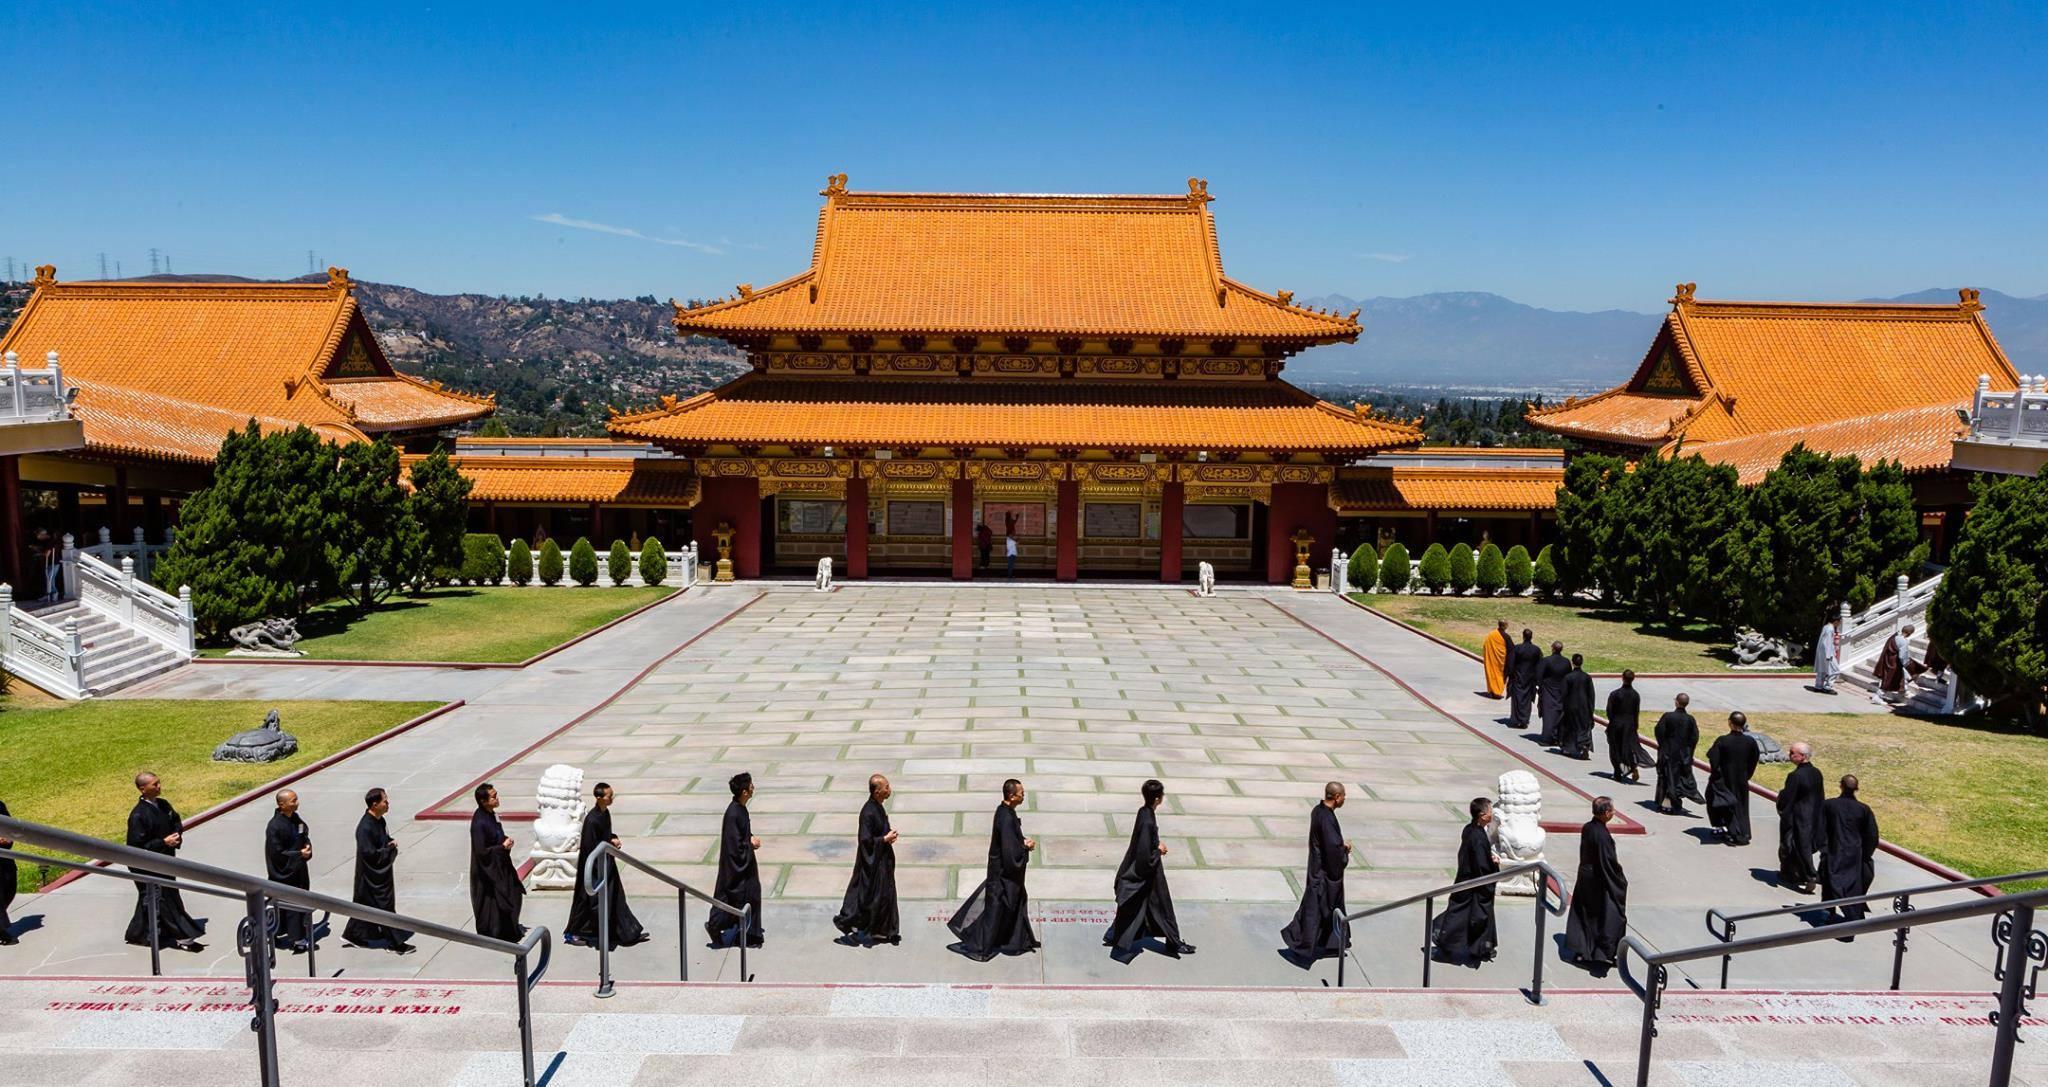 Walking meditation at Hsi Lai Temple